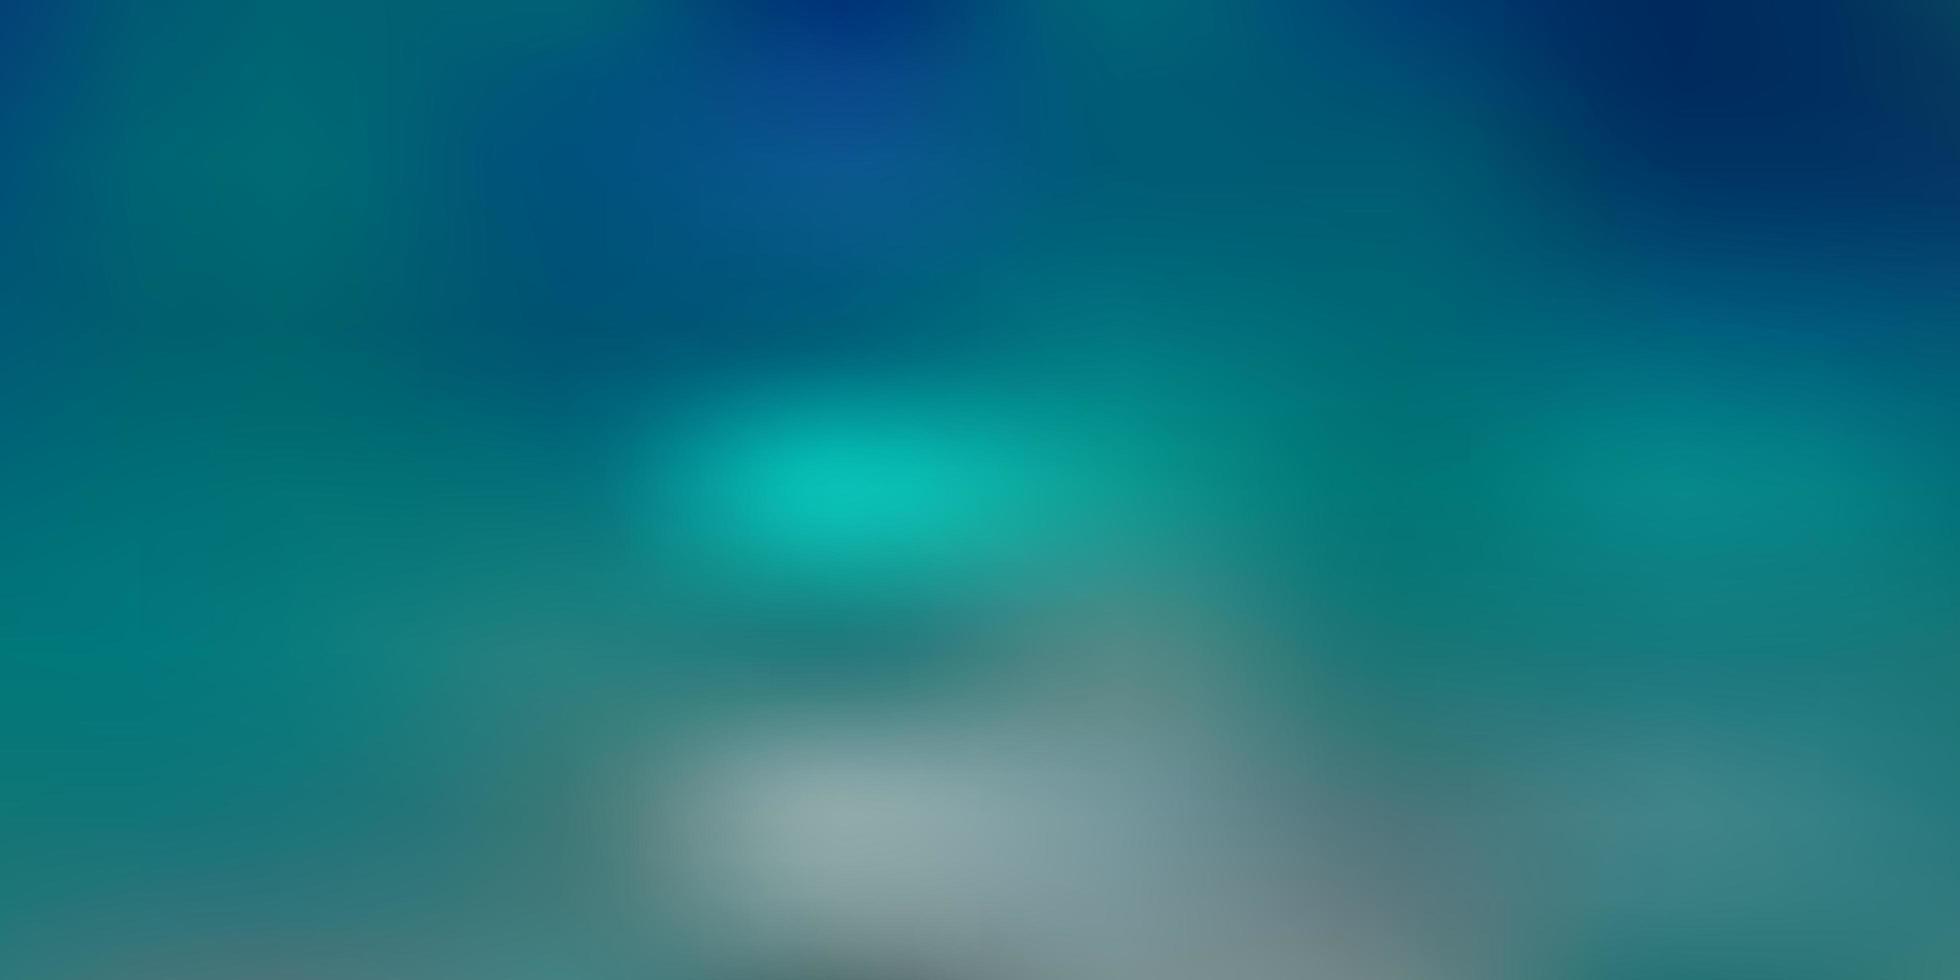 ljusblå, grön vektor suddig konsistens.